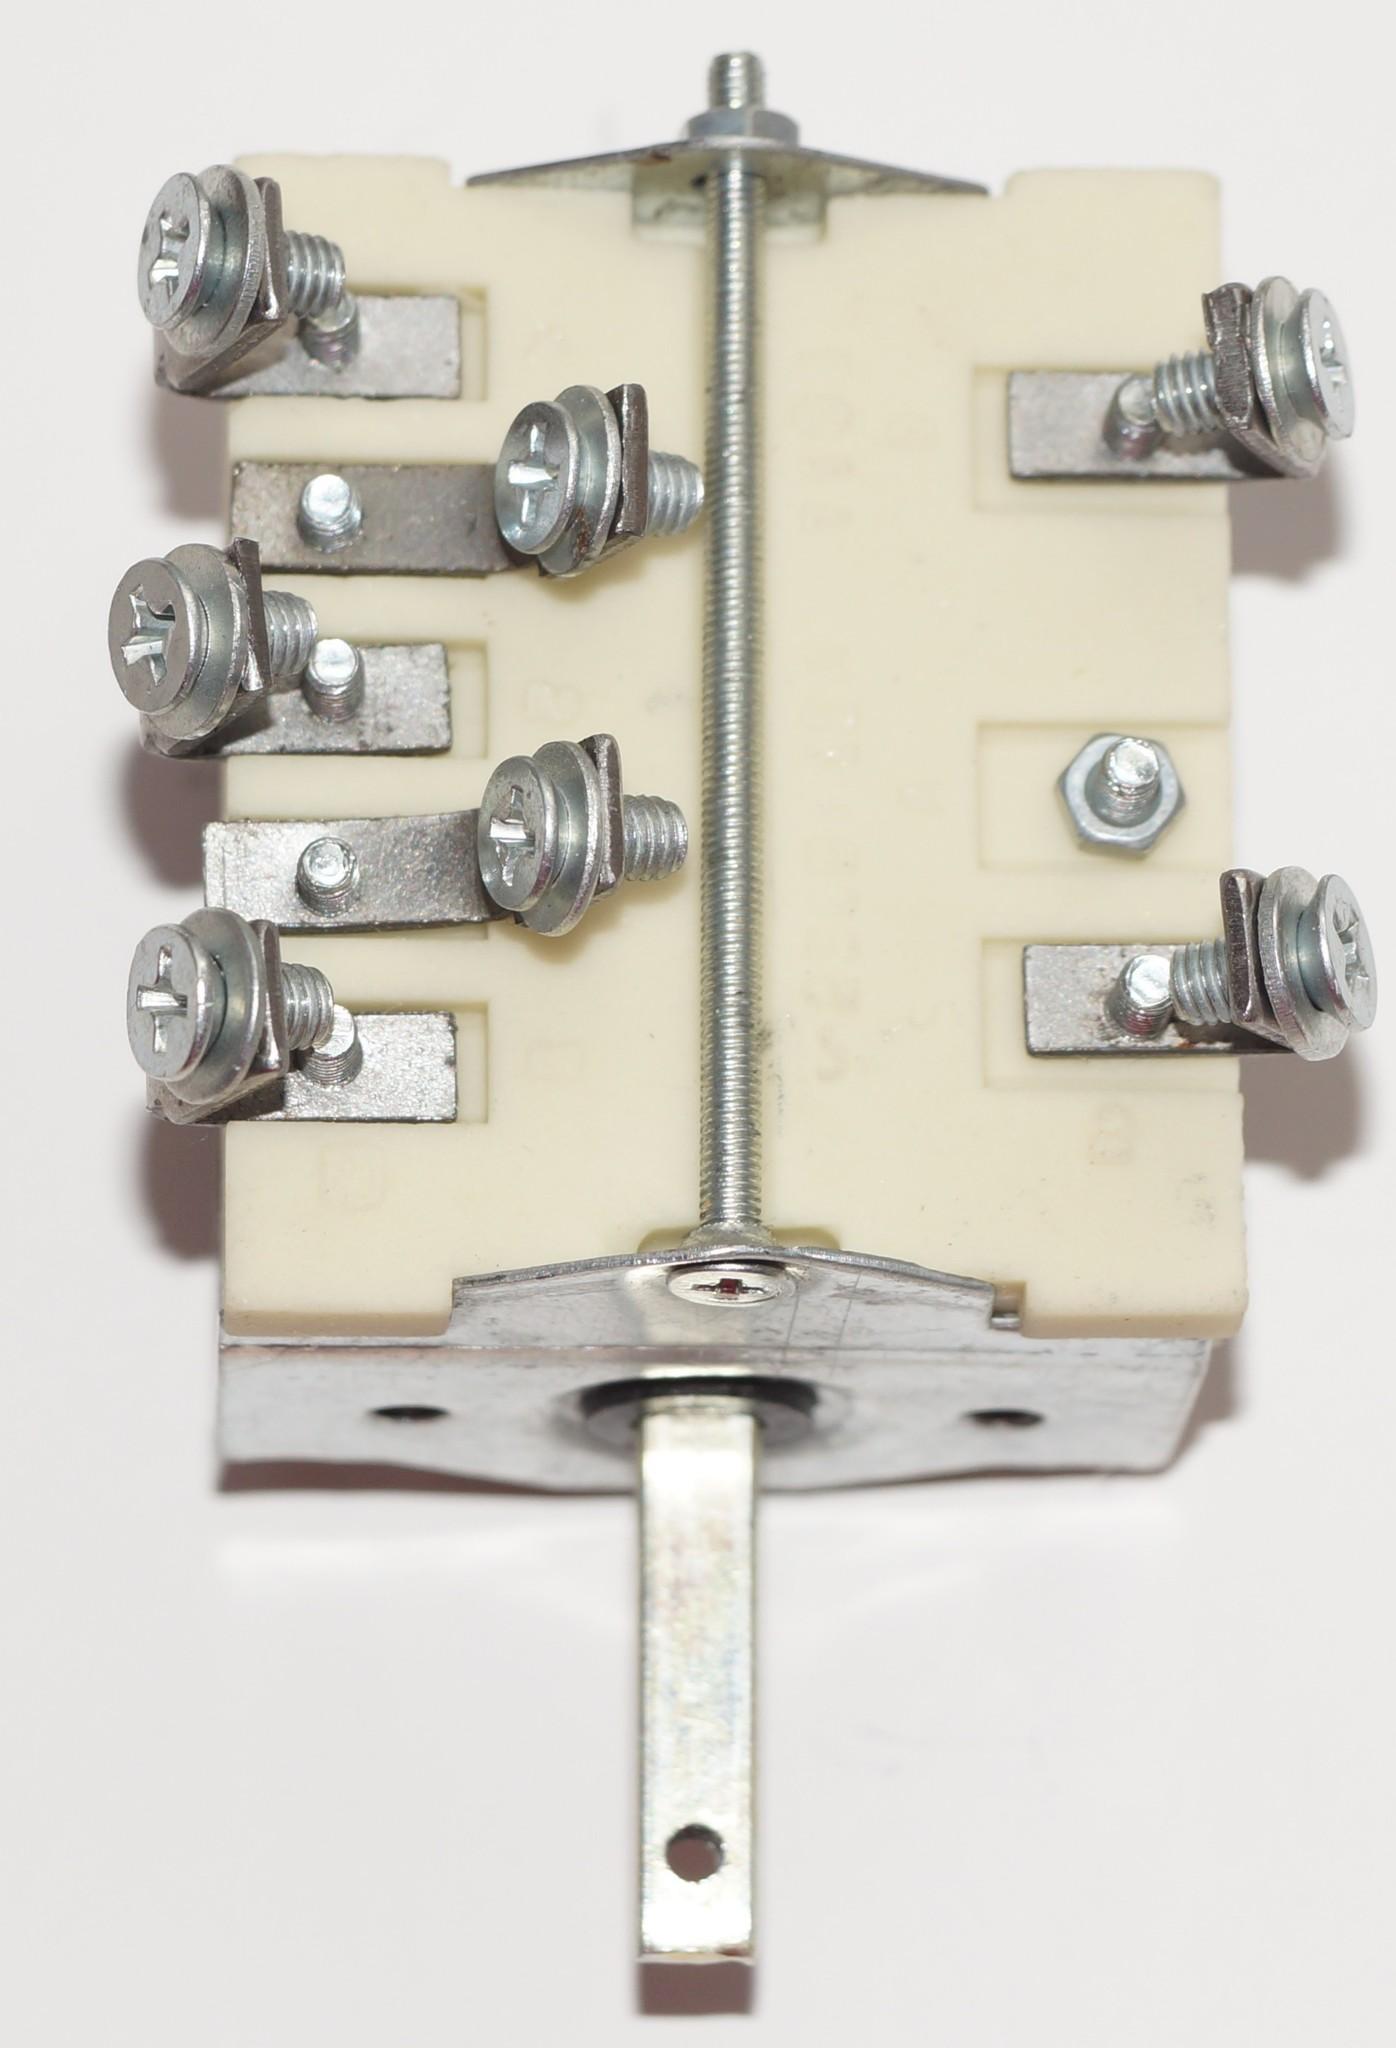 Лысьва ПМ-5 переключатель режимов духовки электроплиты Лысьва